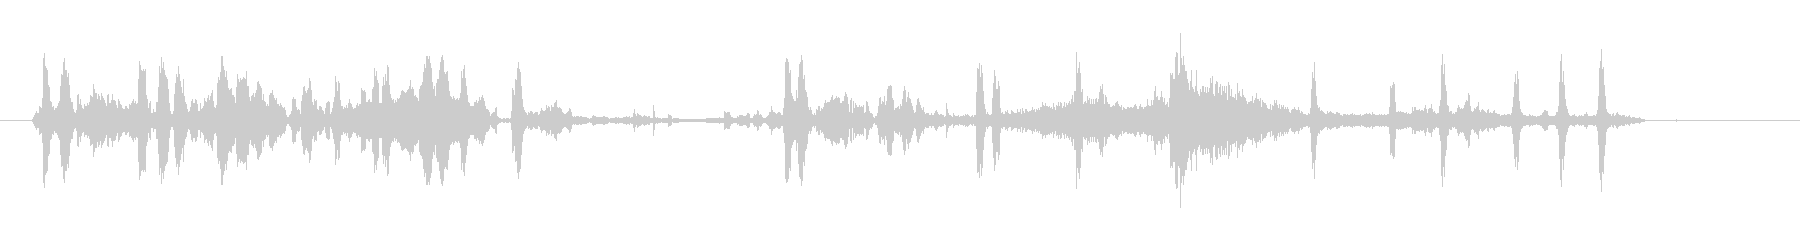 競馬ギャロップの未再生の波形